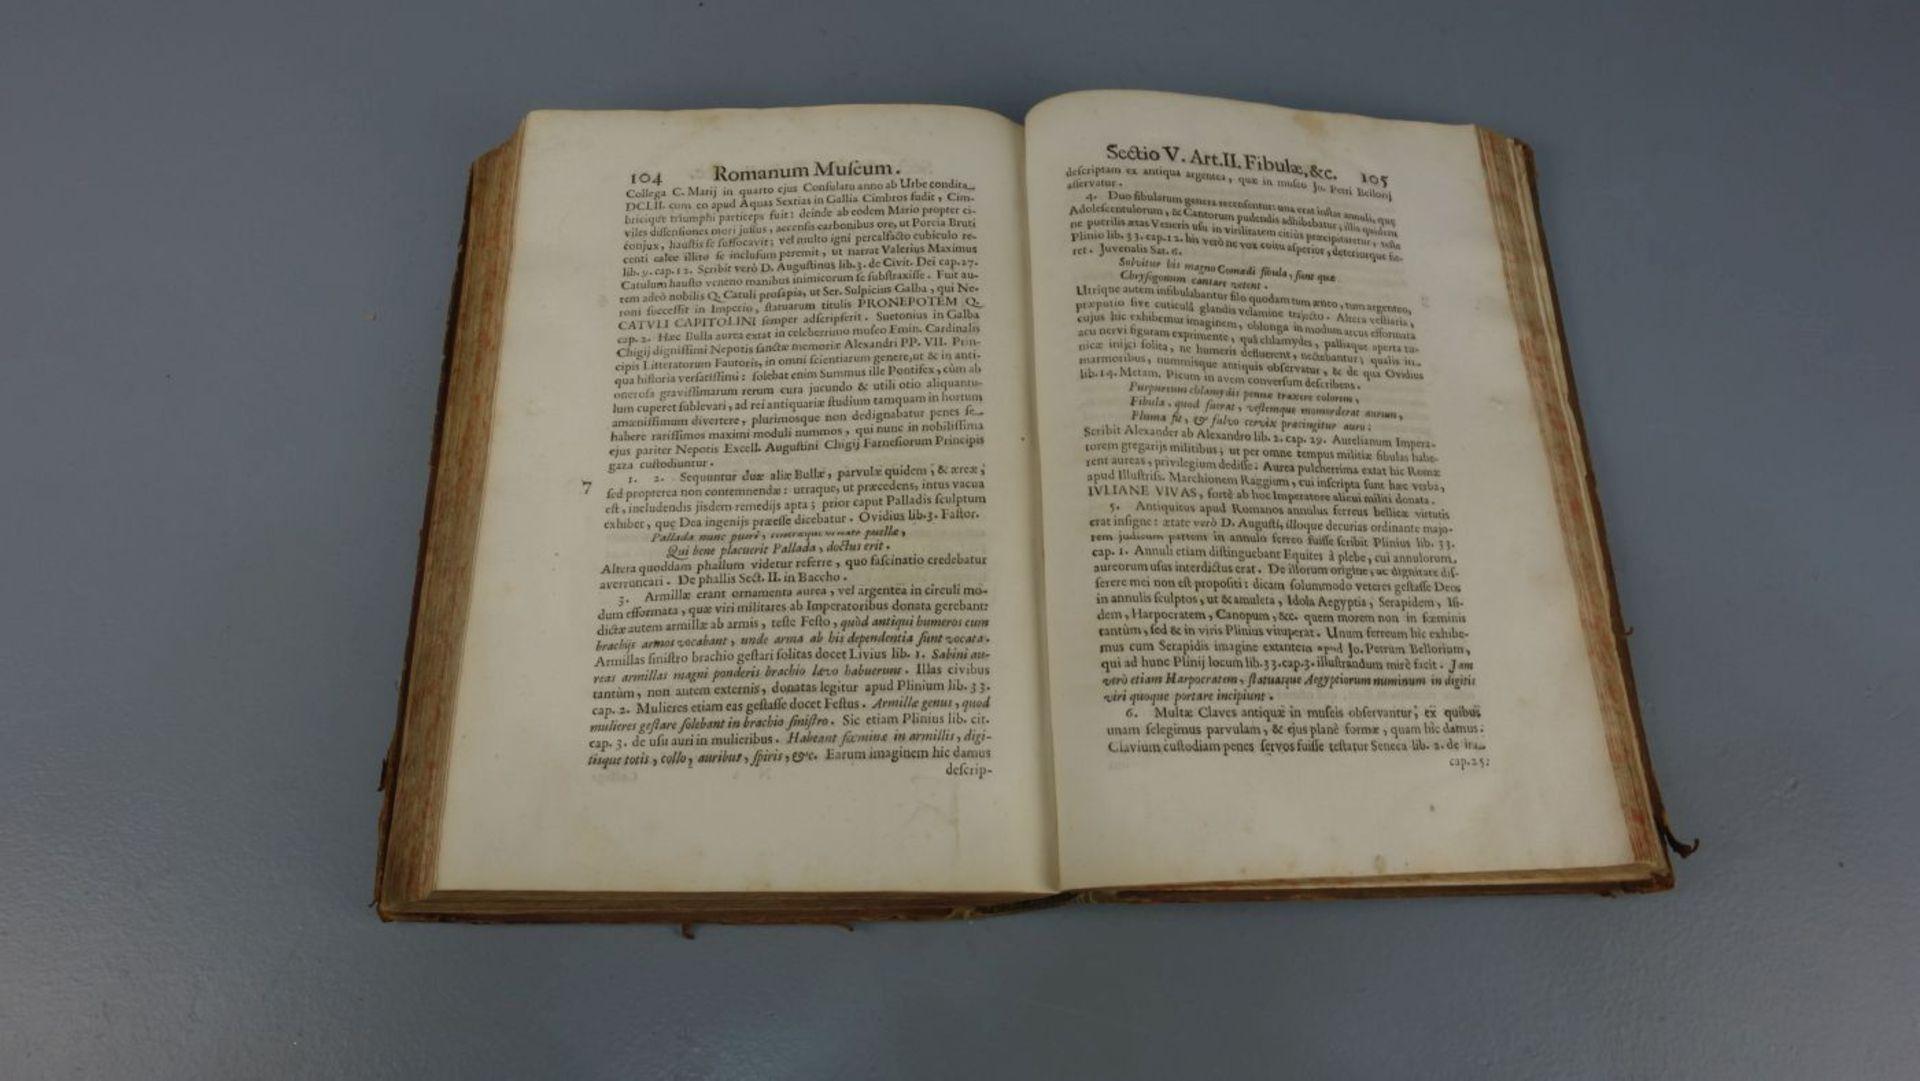 BUCH VON 1707 - Image 5 of 5